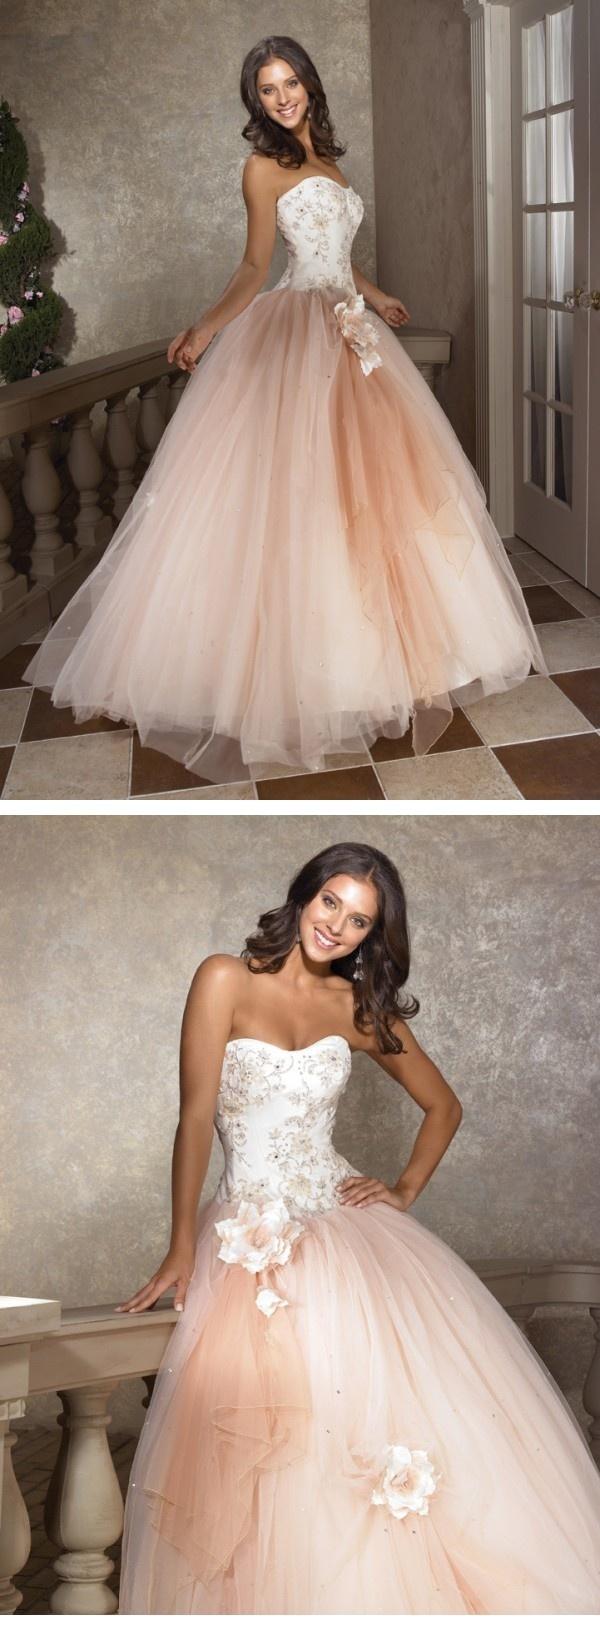 Quinceanera Ball Dress Sweet Sixteen Dress Designer Style MBD8234